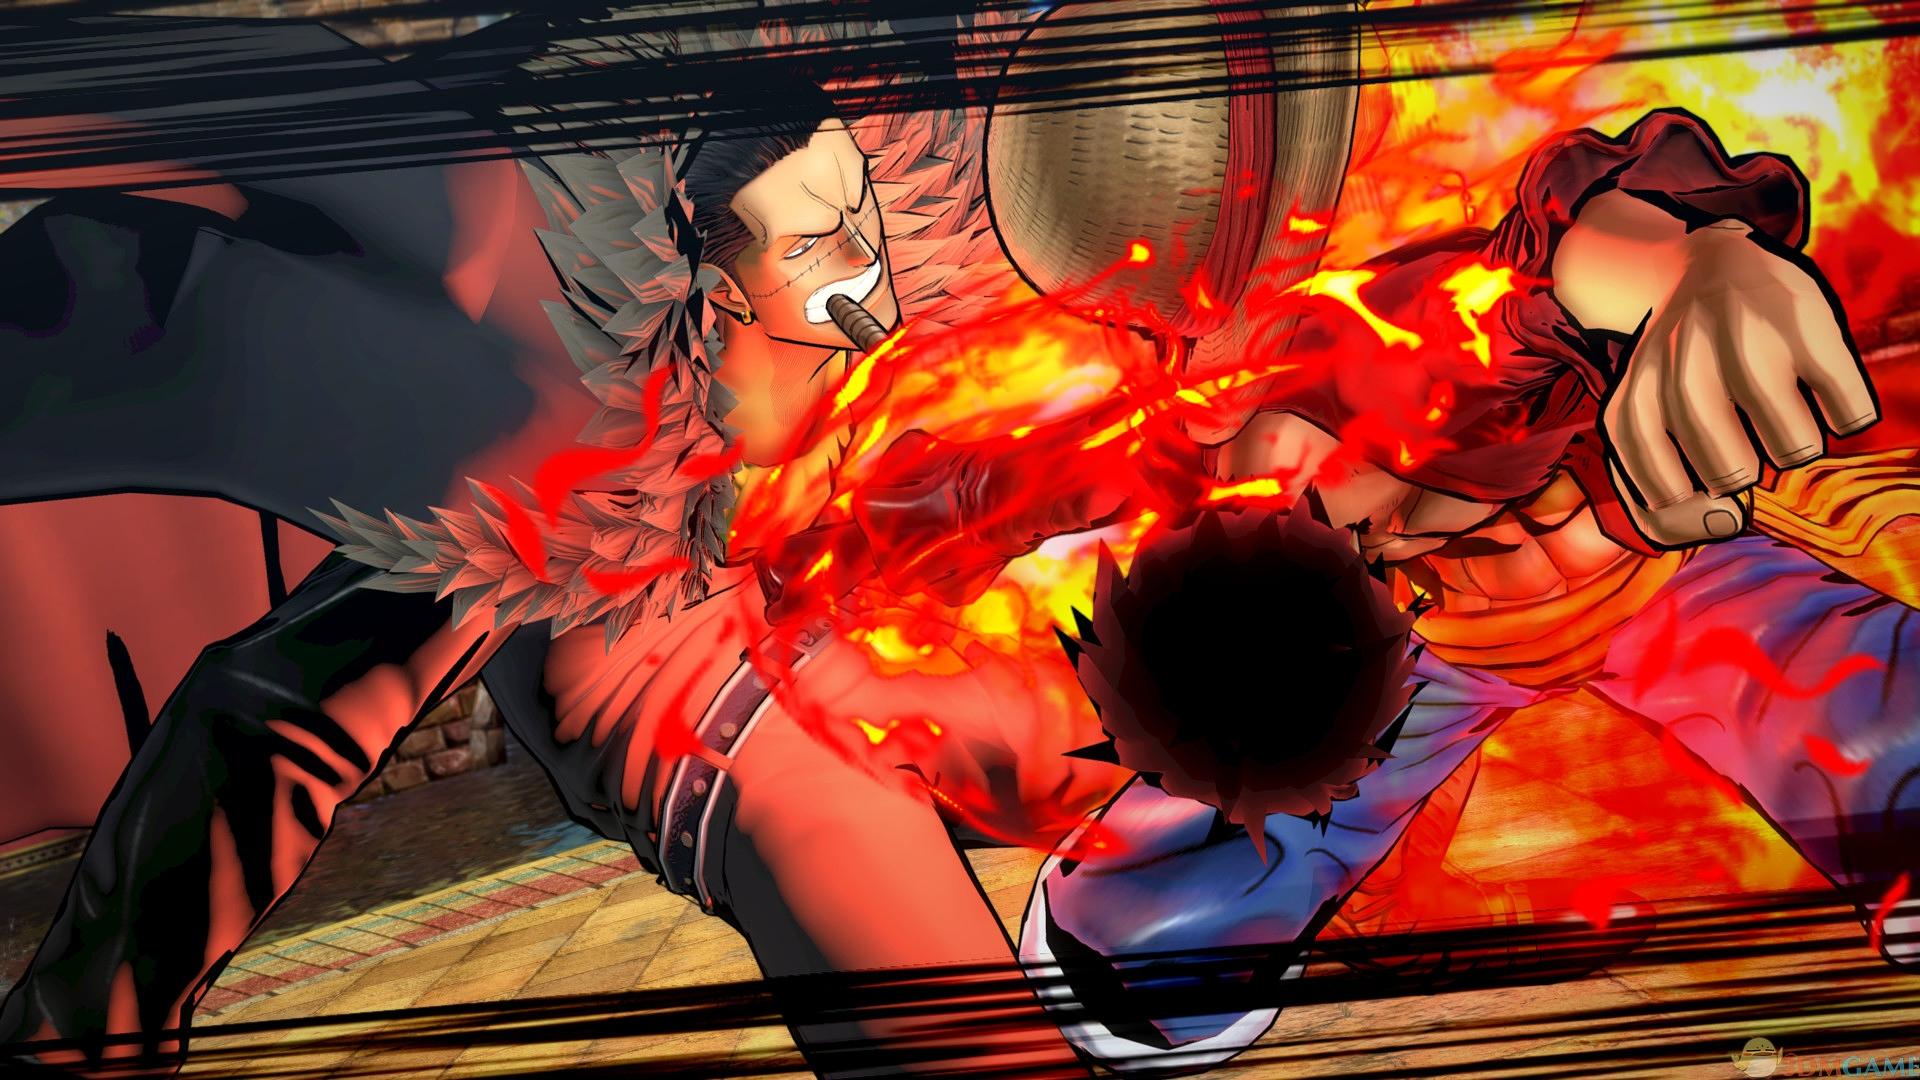 海贼王:燃烧之血 画质加强补丁